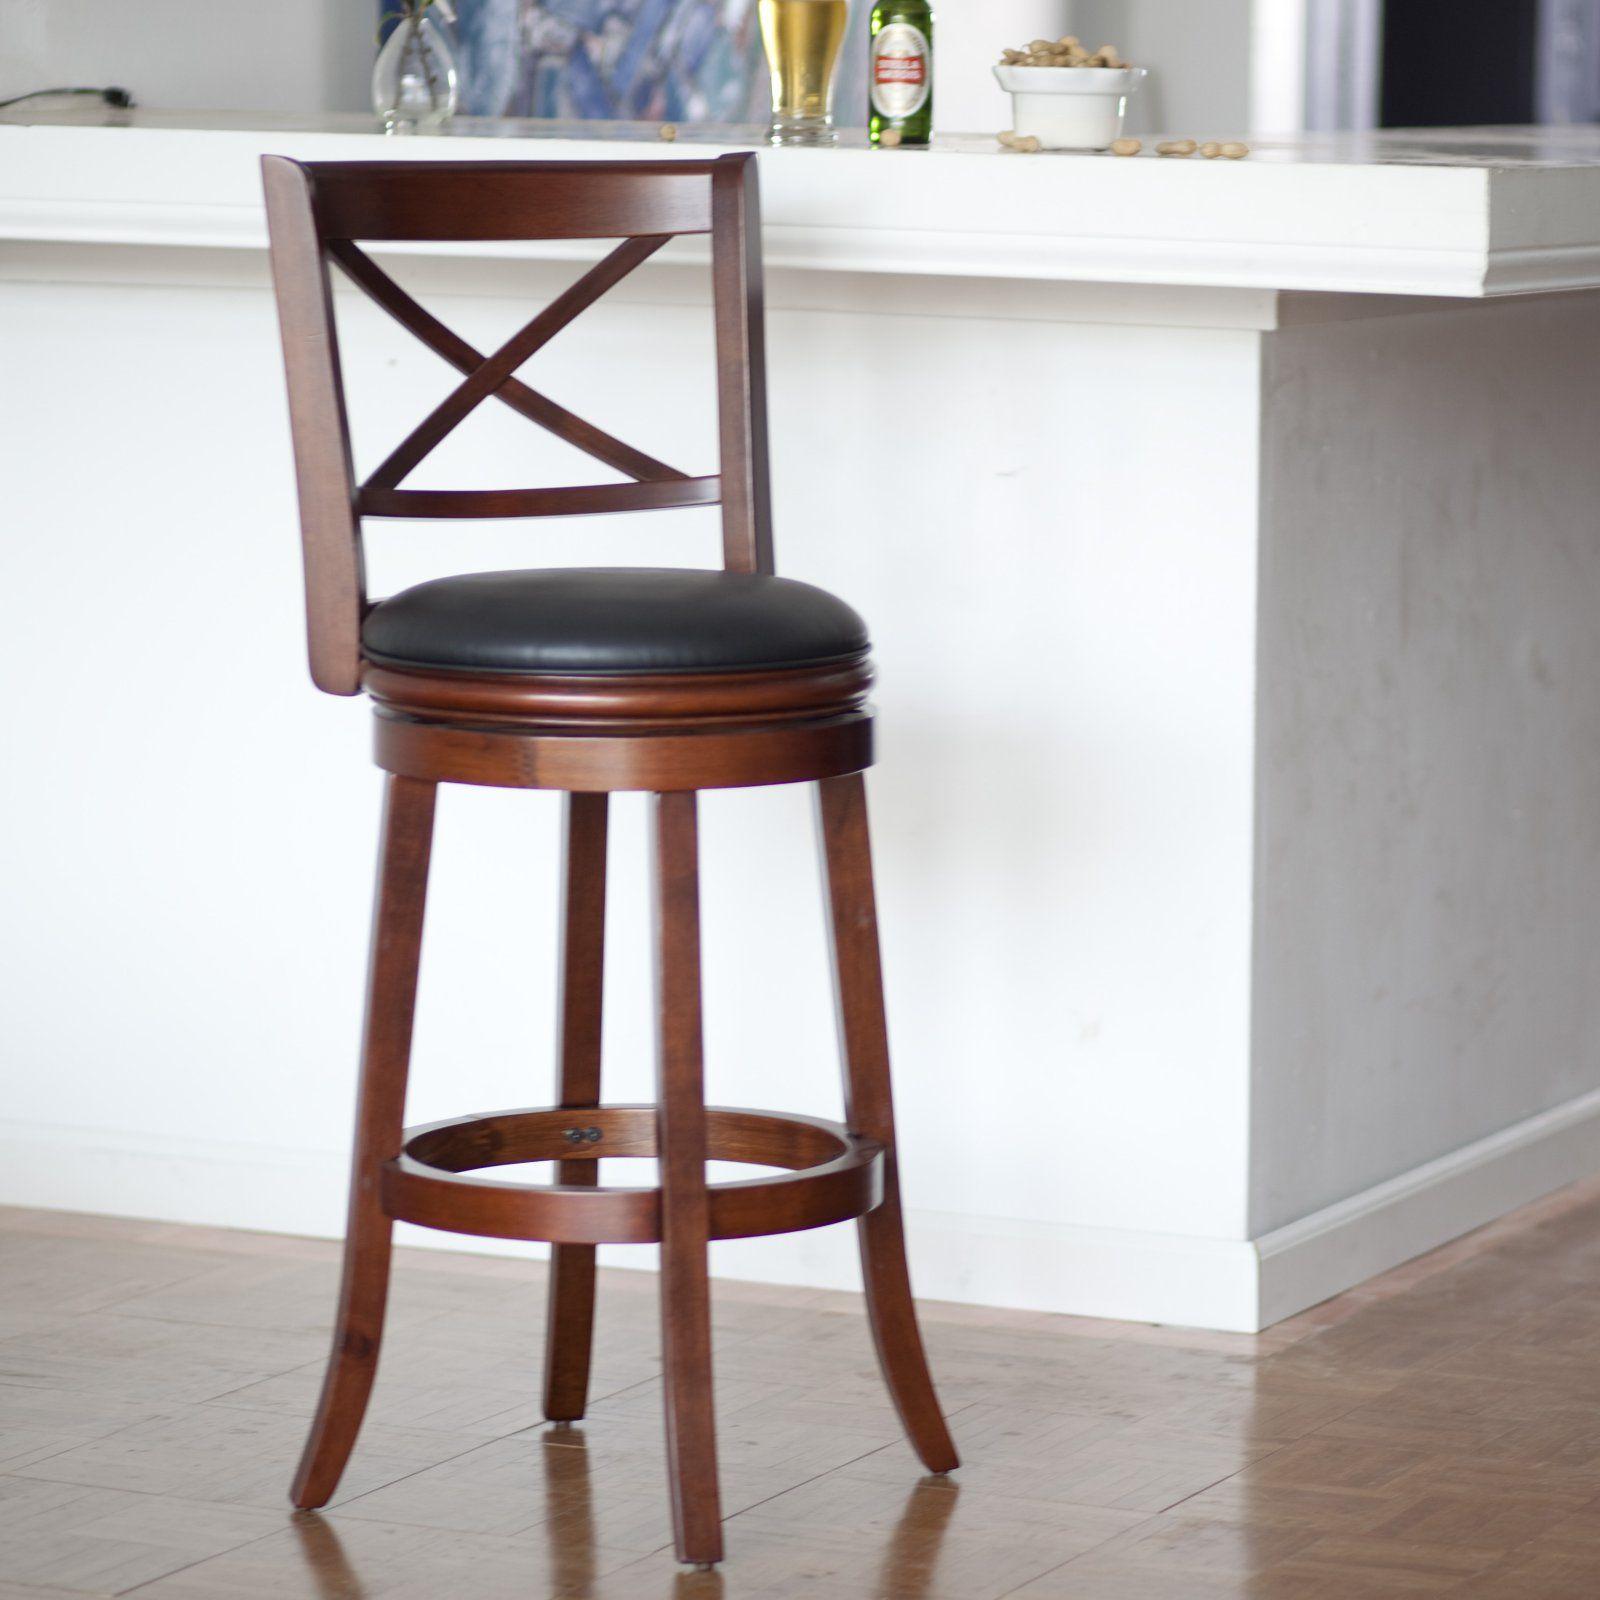 Boraam Georgia 29 In Swivel Bar Stool In 2021 Leather Swivel Bar Stools Swivel Bar Stools Bar Stools